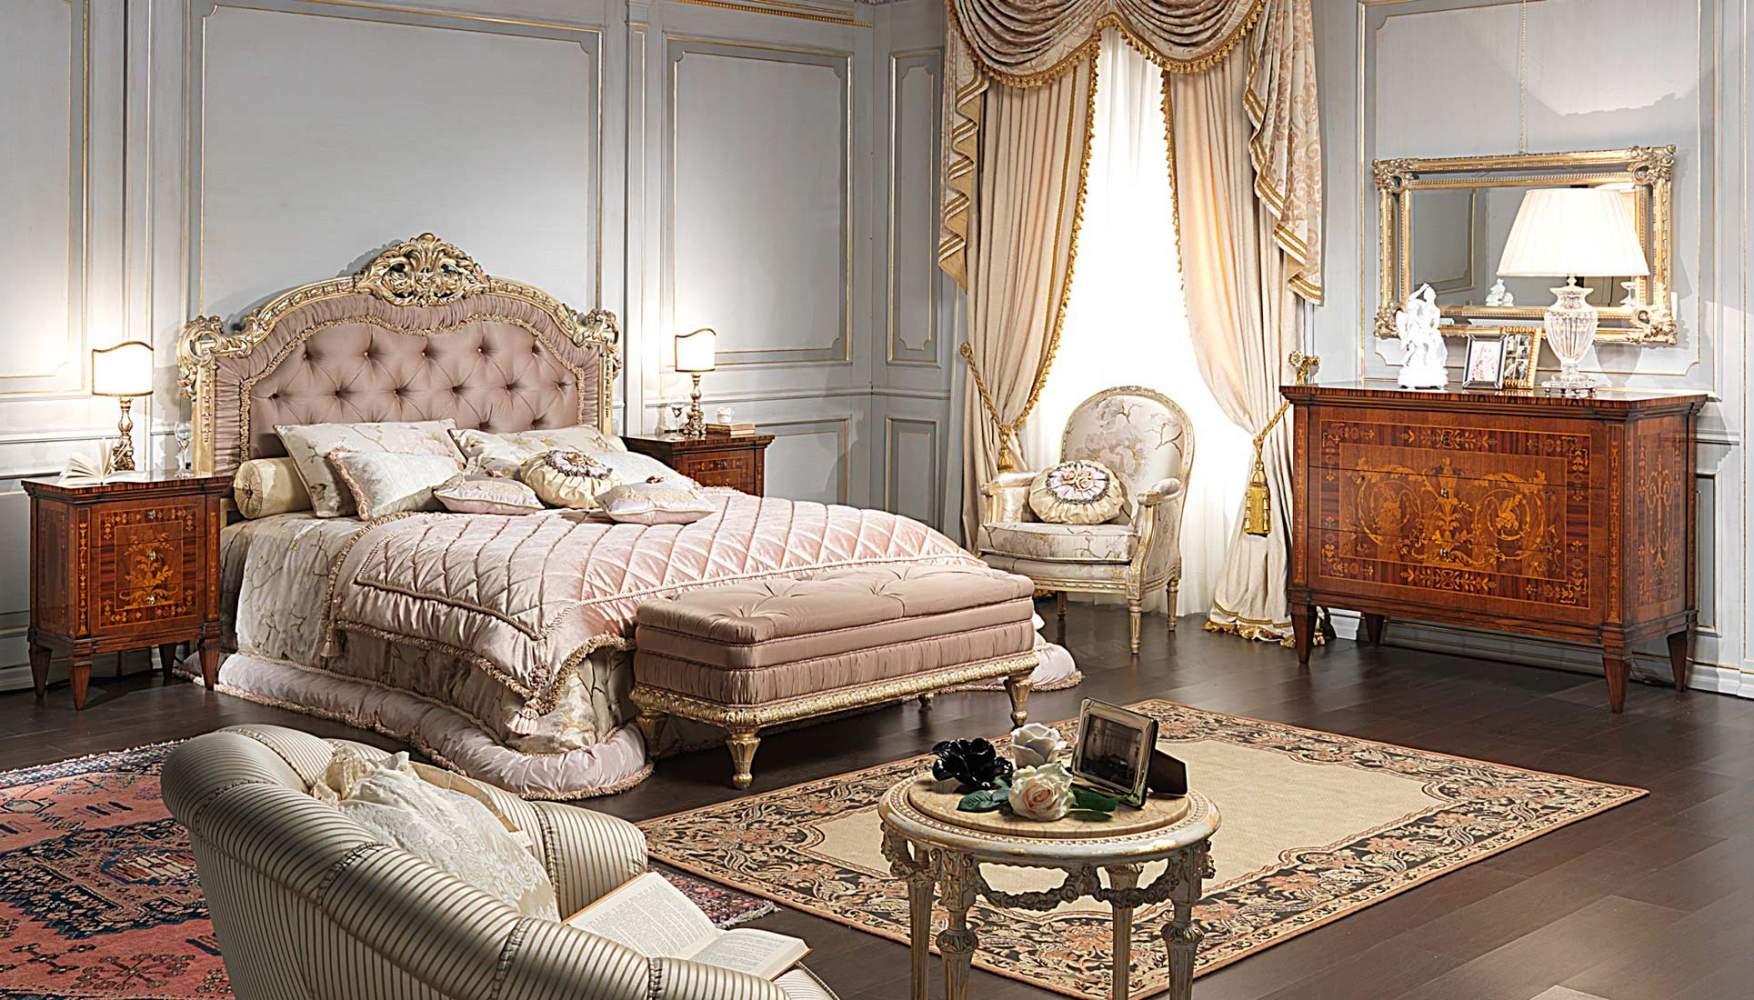 Camera da letto classica i maggiolini letto capitonn - Camera da letto classica ...